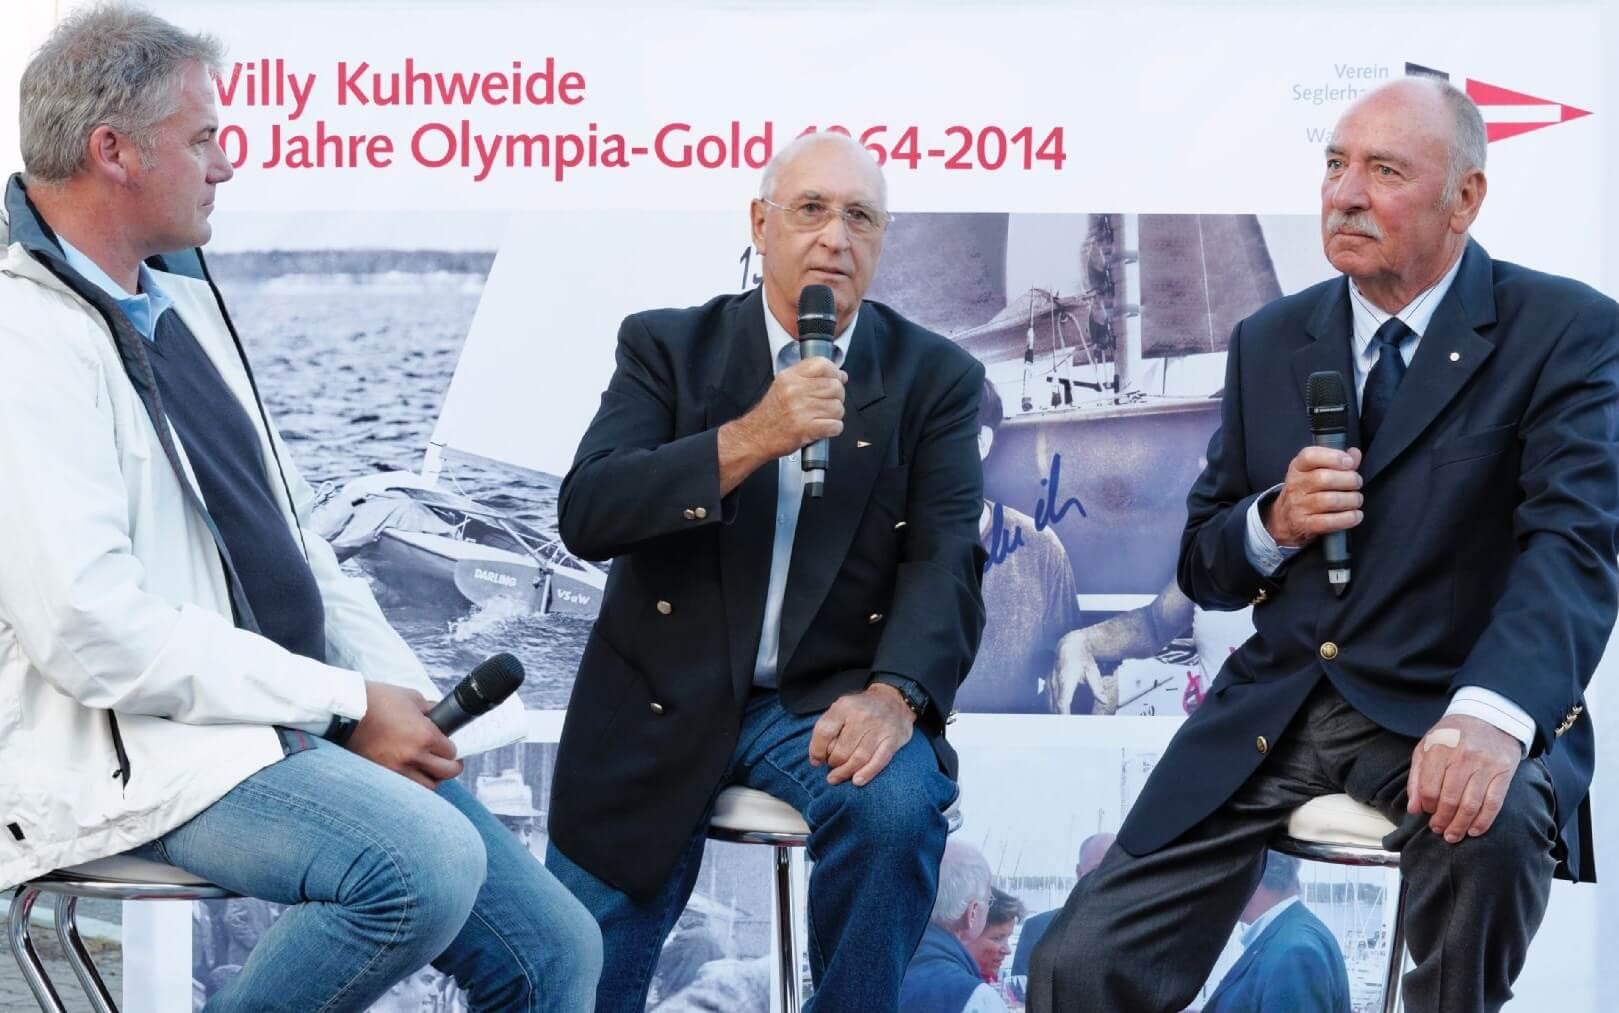 Gänsehautstimmung am Wannsee: Willy Kuhweide und Bernd Dehmel feiern 50 Jahre Olympiagold